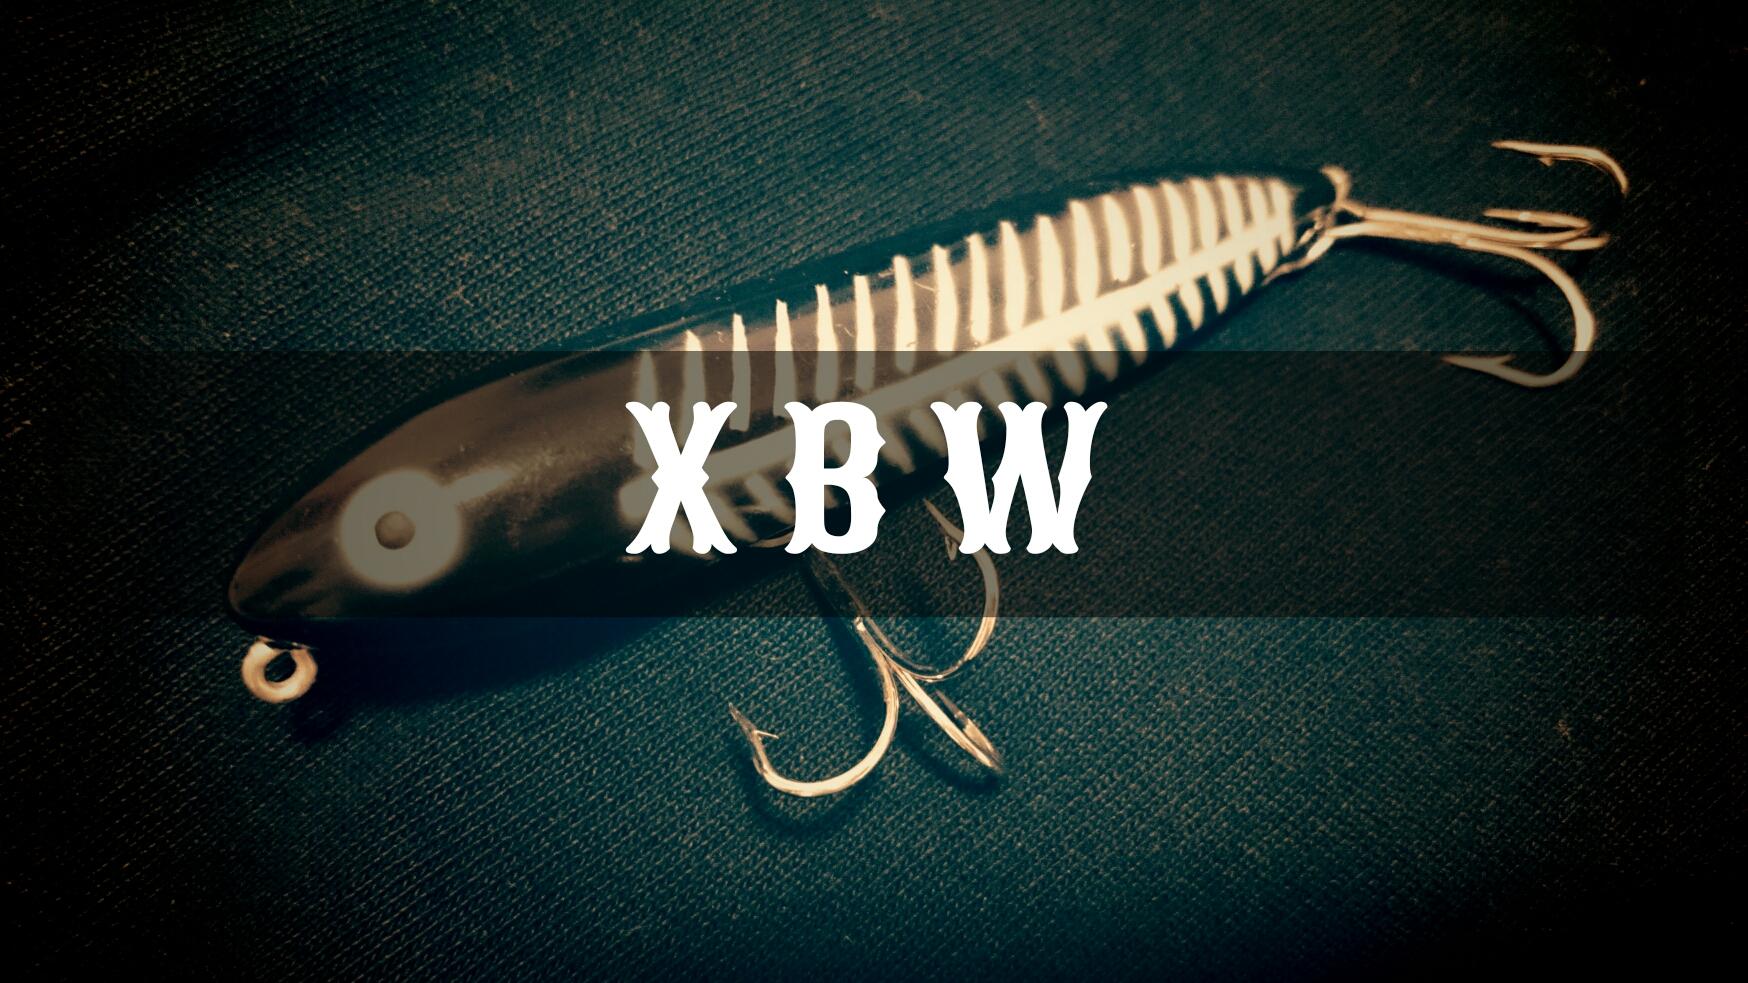 最も愛するXBWというカラー。